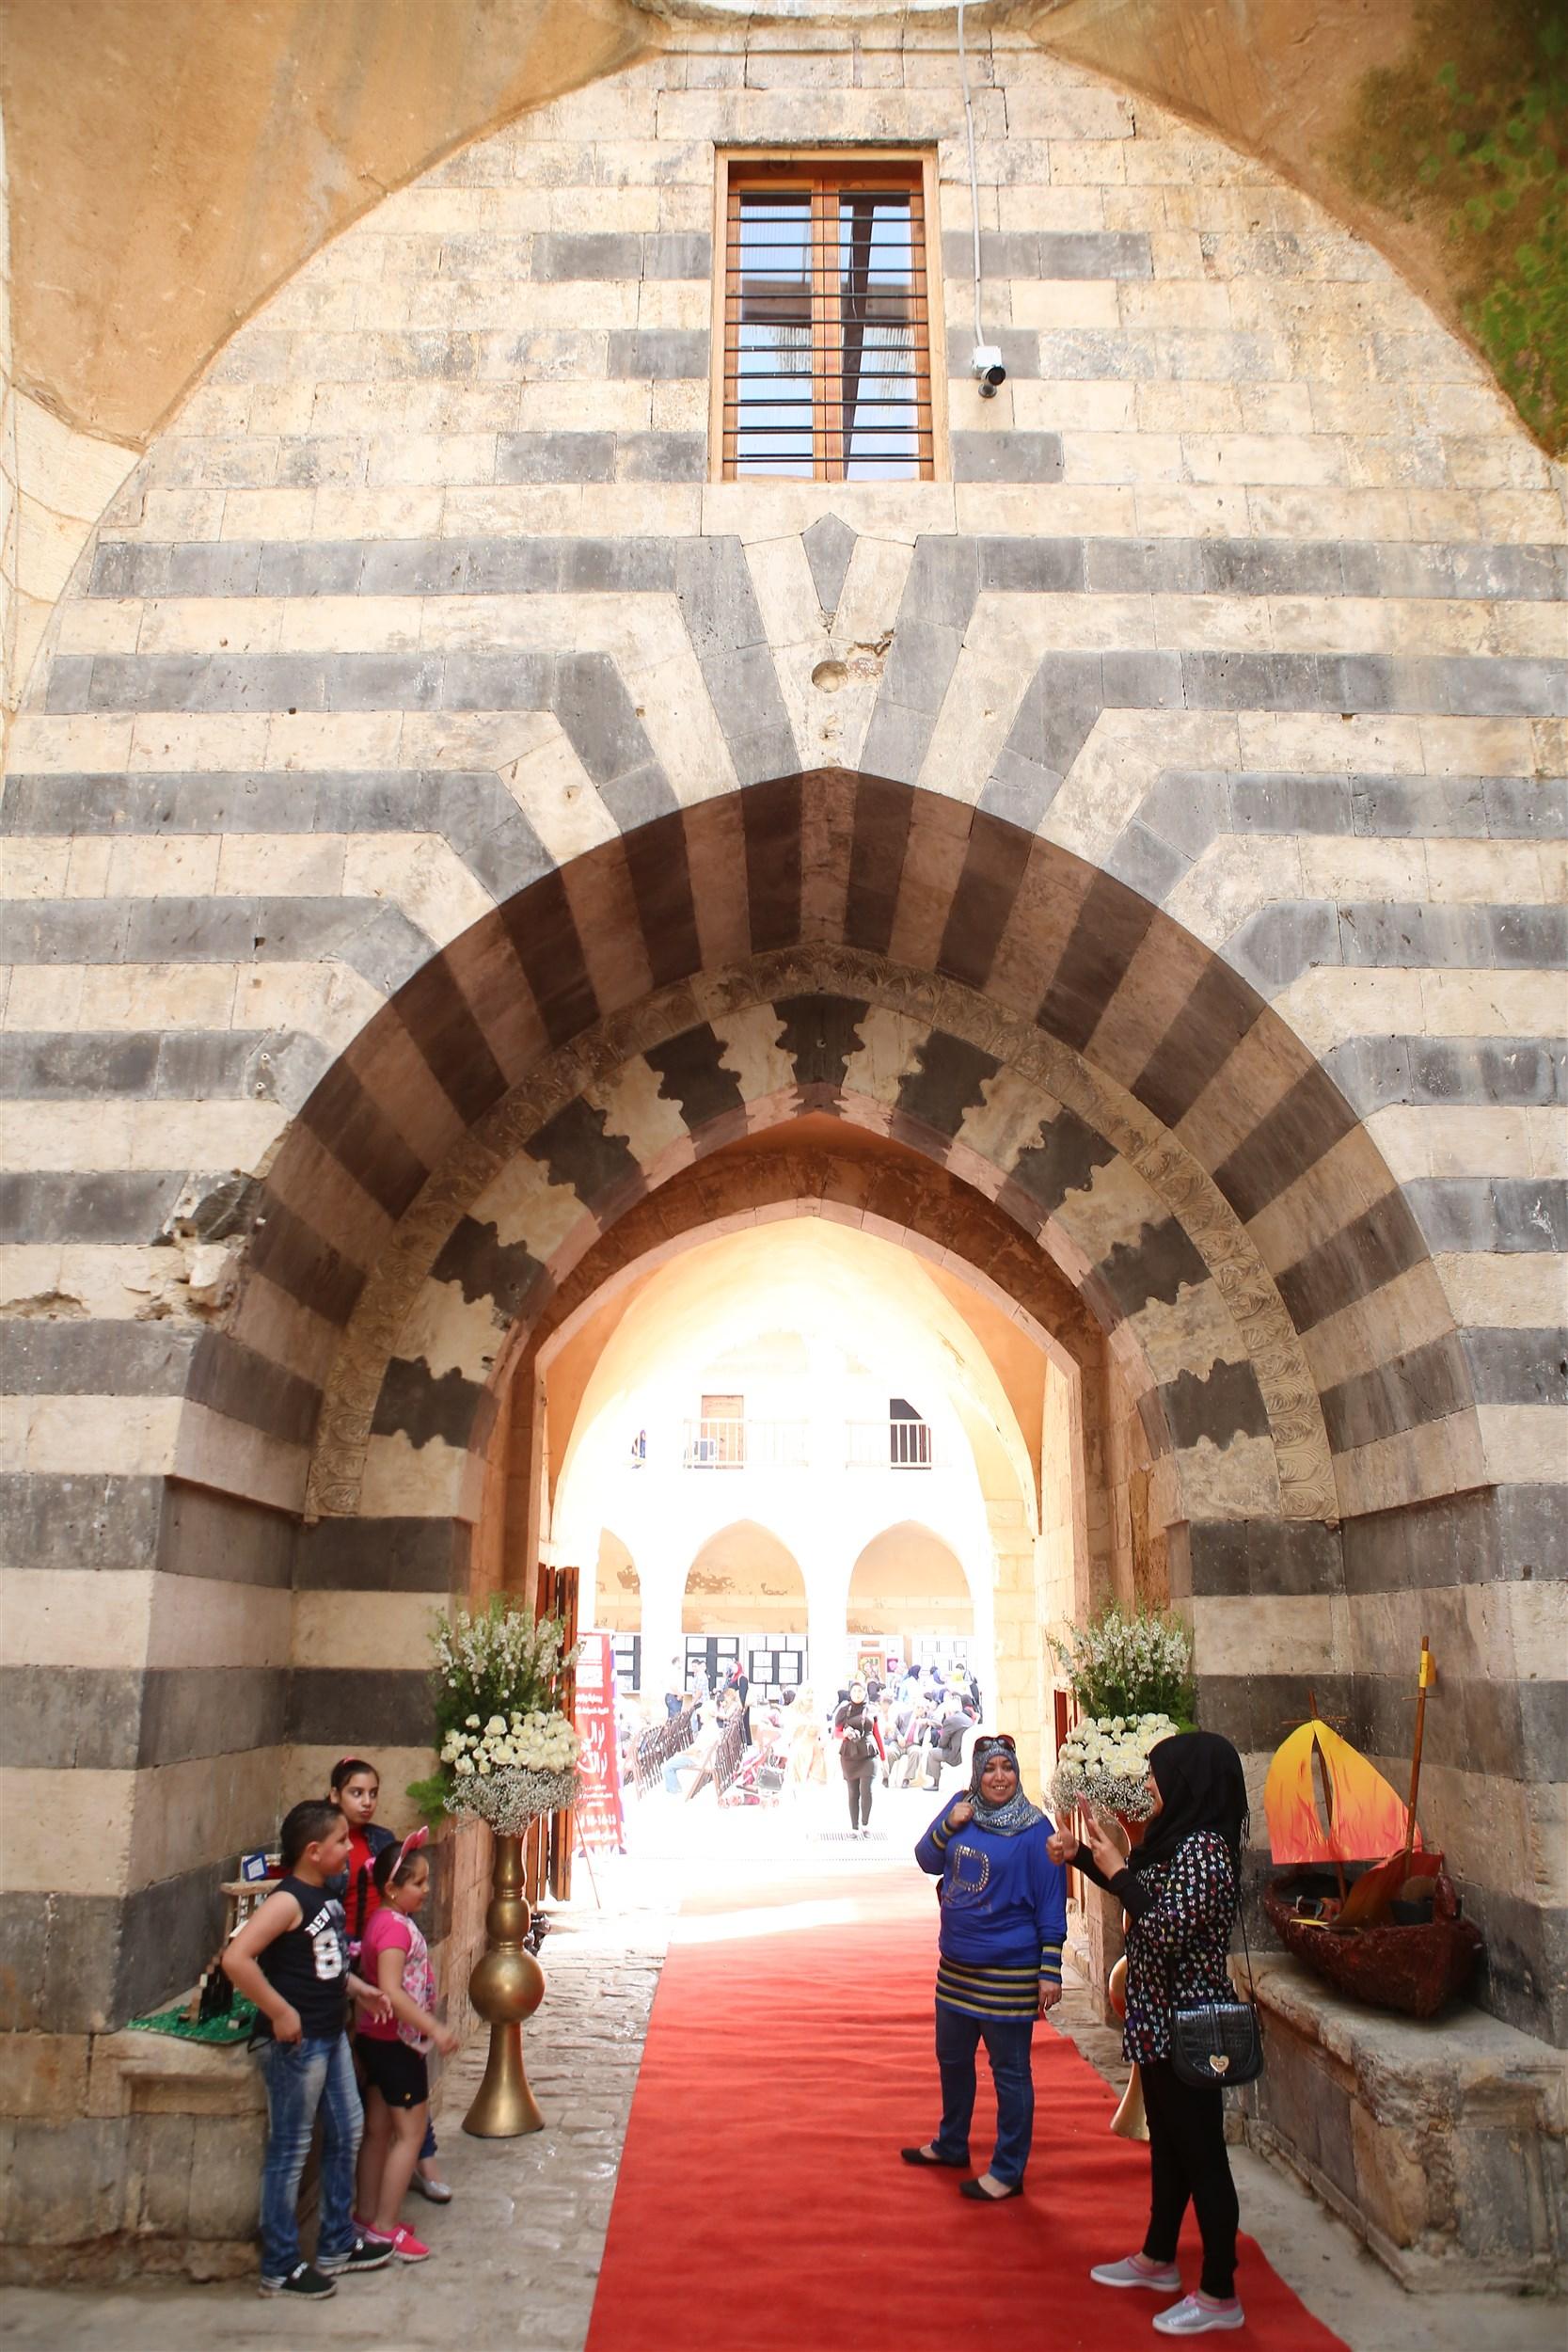 the entrance of khan al askar a true beauty of culture